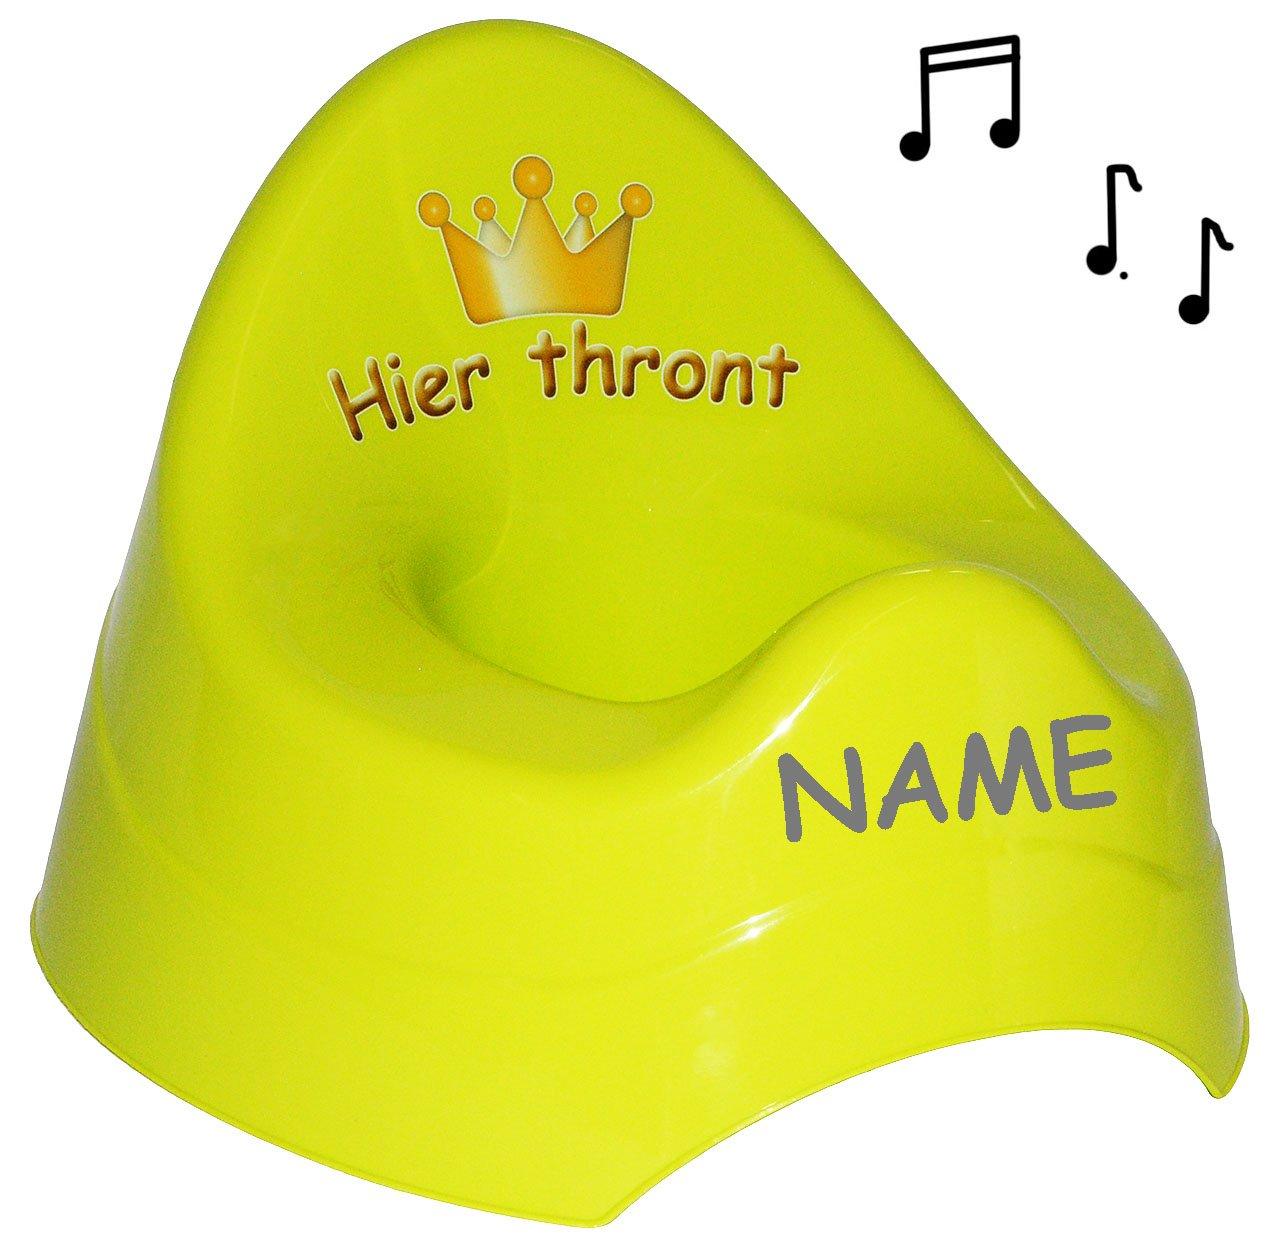 GR/ÜN Krone f/ür Prinzen /& Prinzessinnen Hier thront M.. Namen gro/ß mit gro/ßer Lehne Spritzschutz incl mit Musik // Sound Unbekannt T/öpfchen // Nachttopf